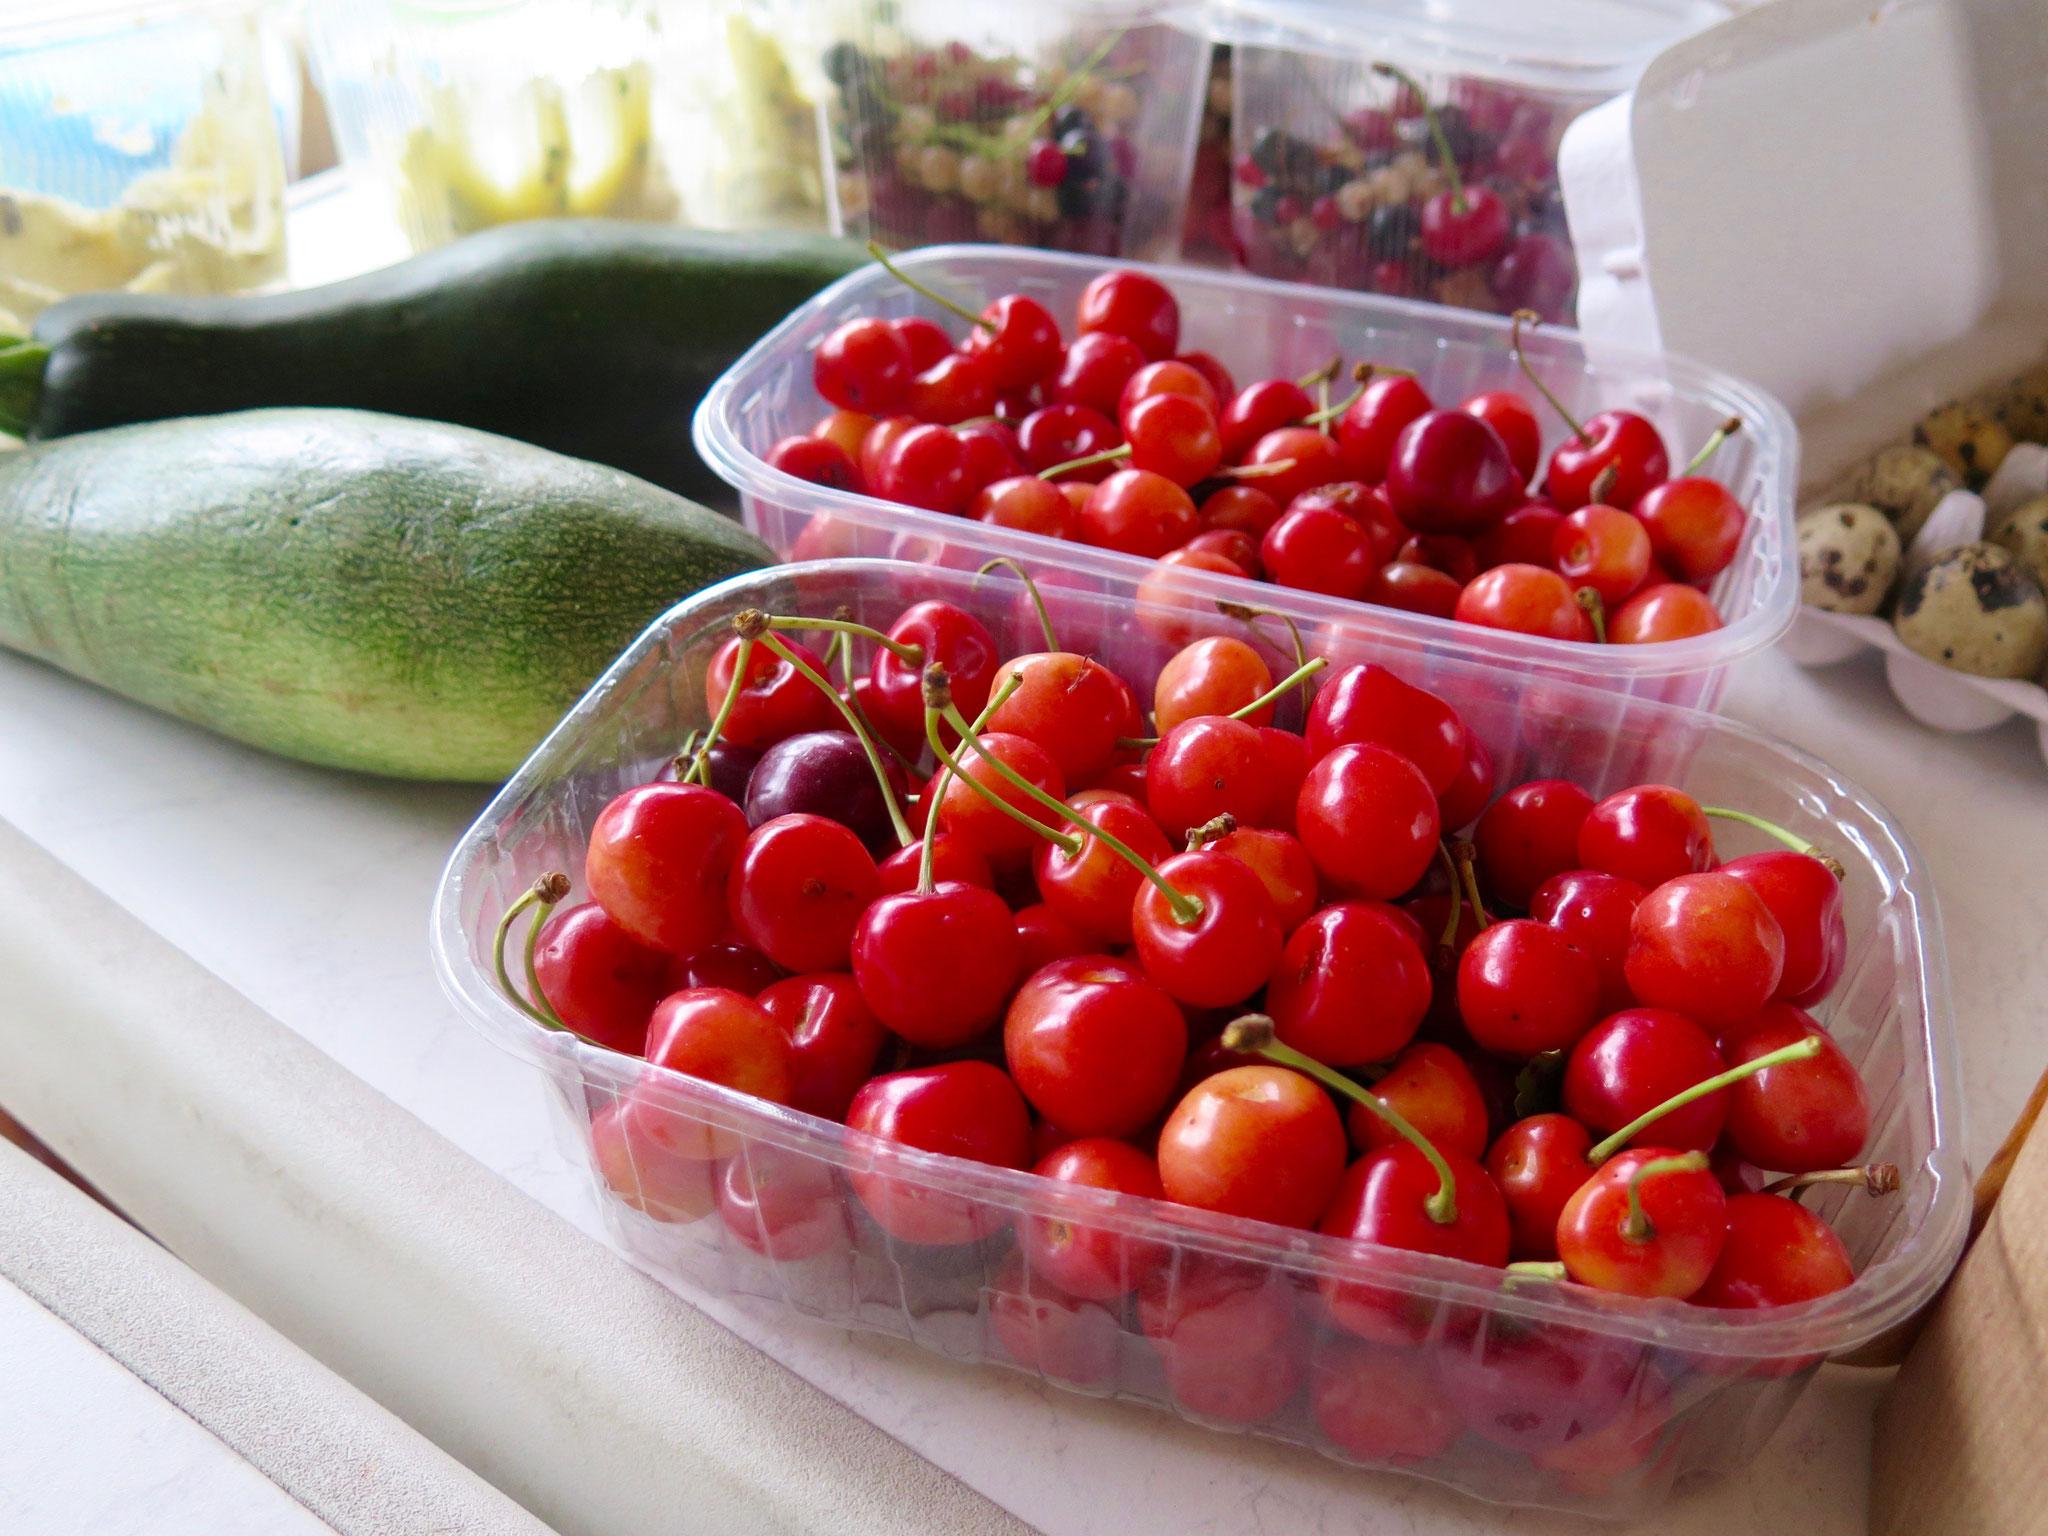 Hier gibt es frisch geerntetes Obst und Gemüse direkt vom Erzeuger.